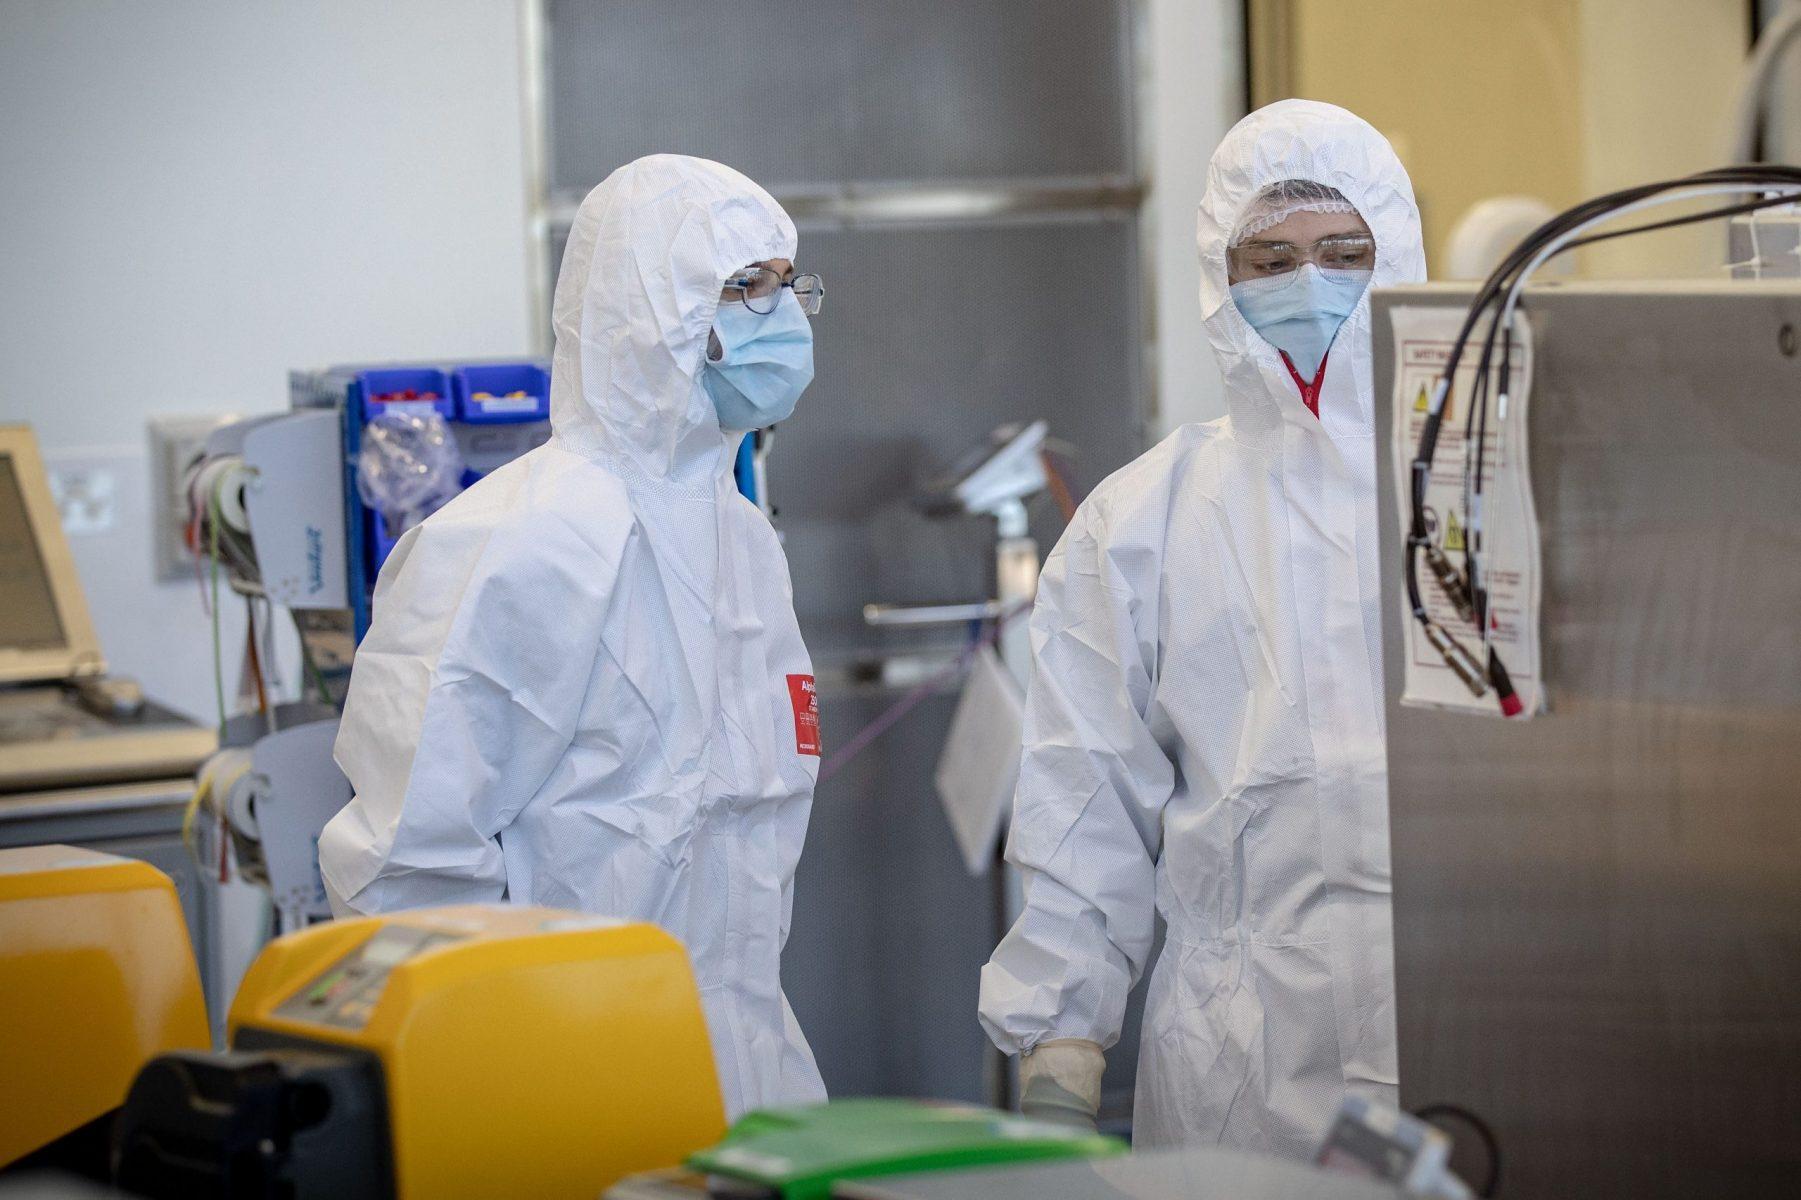 Η.Π.Α εμβόλιο: Μπορεί η Αμερική να ξεπεράσει τα εμπόδια για τον εμβολιασμό